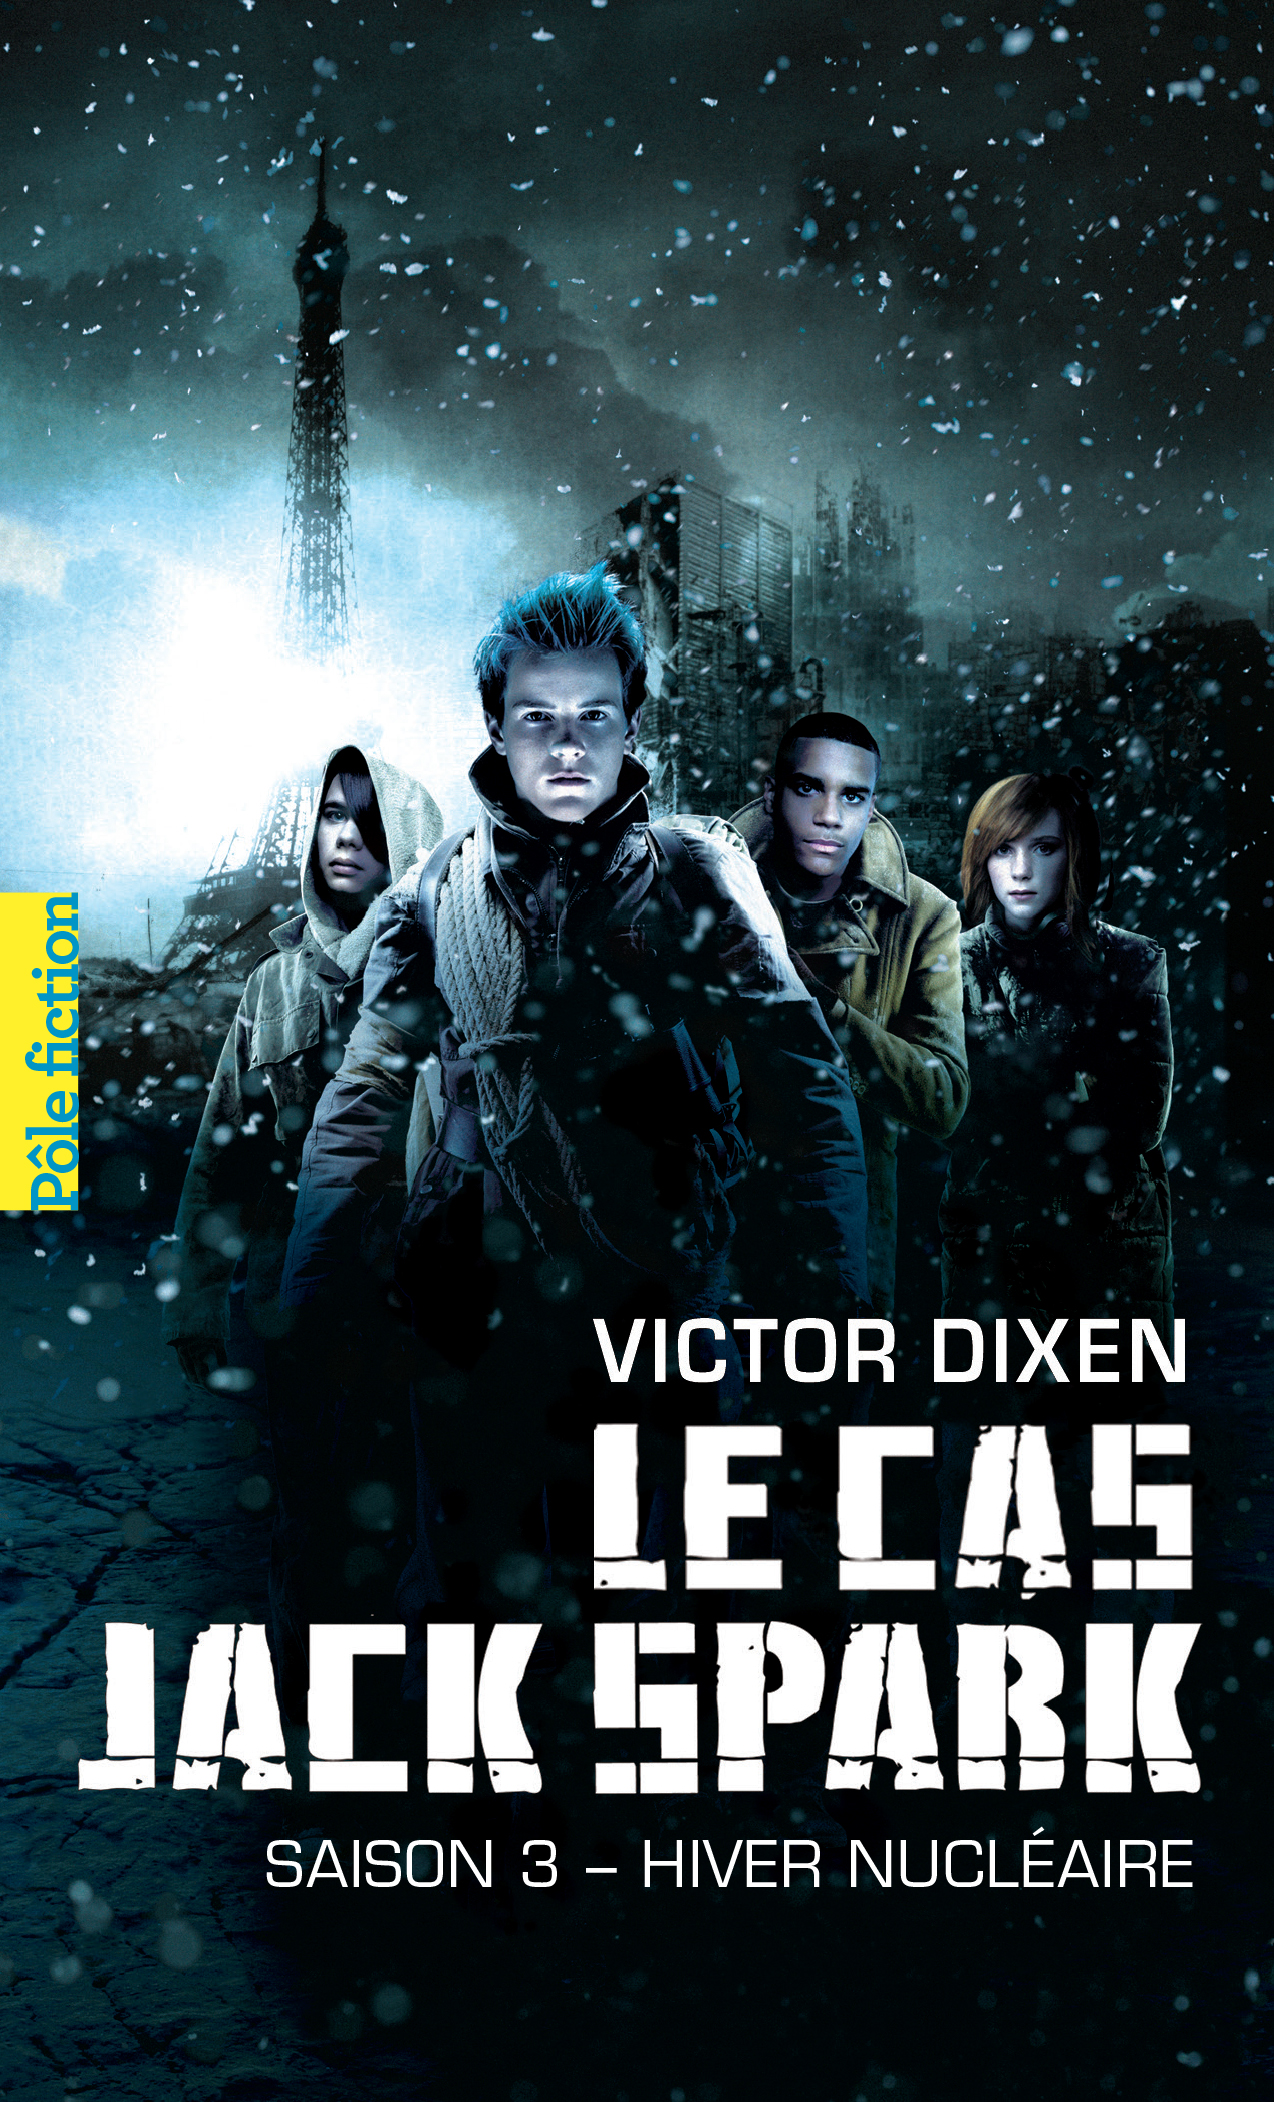 Jack Spark 3 - Hiver nuclaire - Gallimard Pole Fiction.jpg